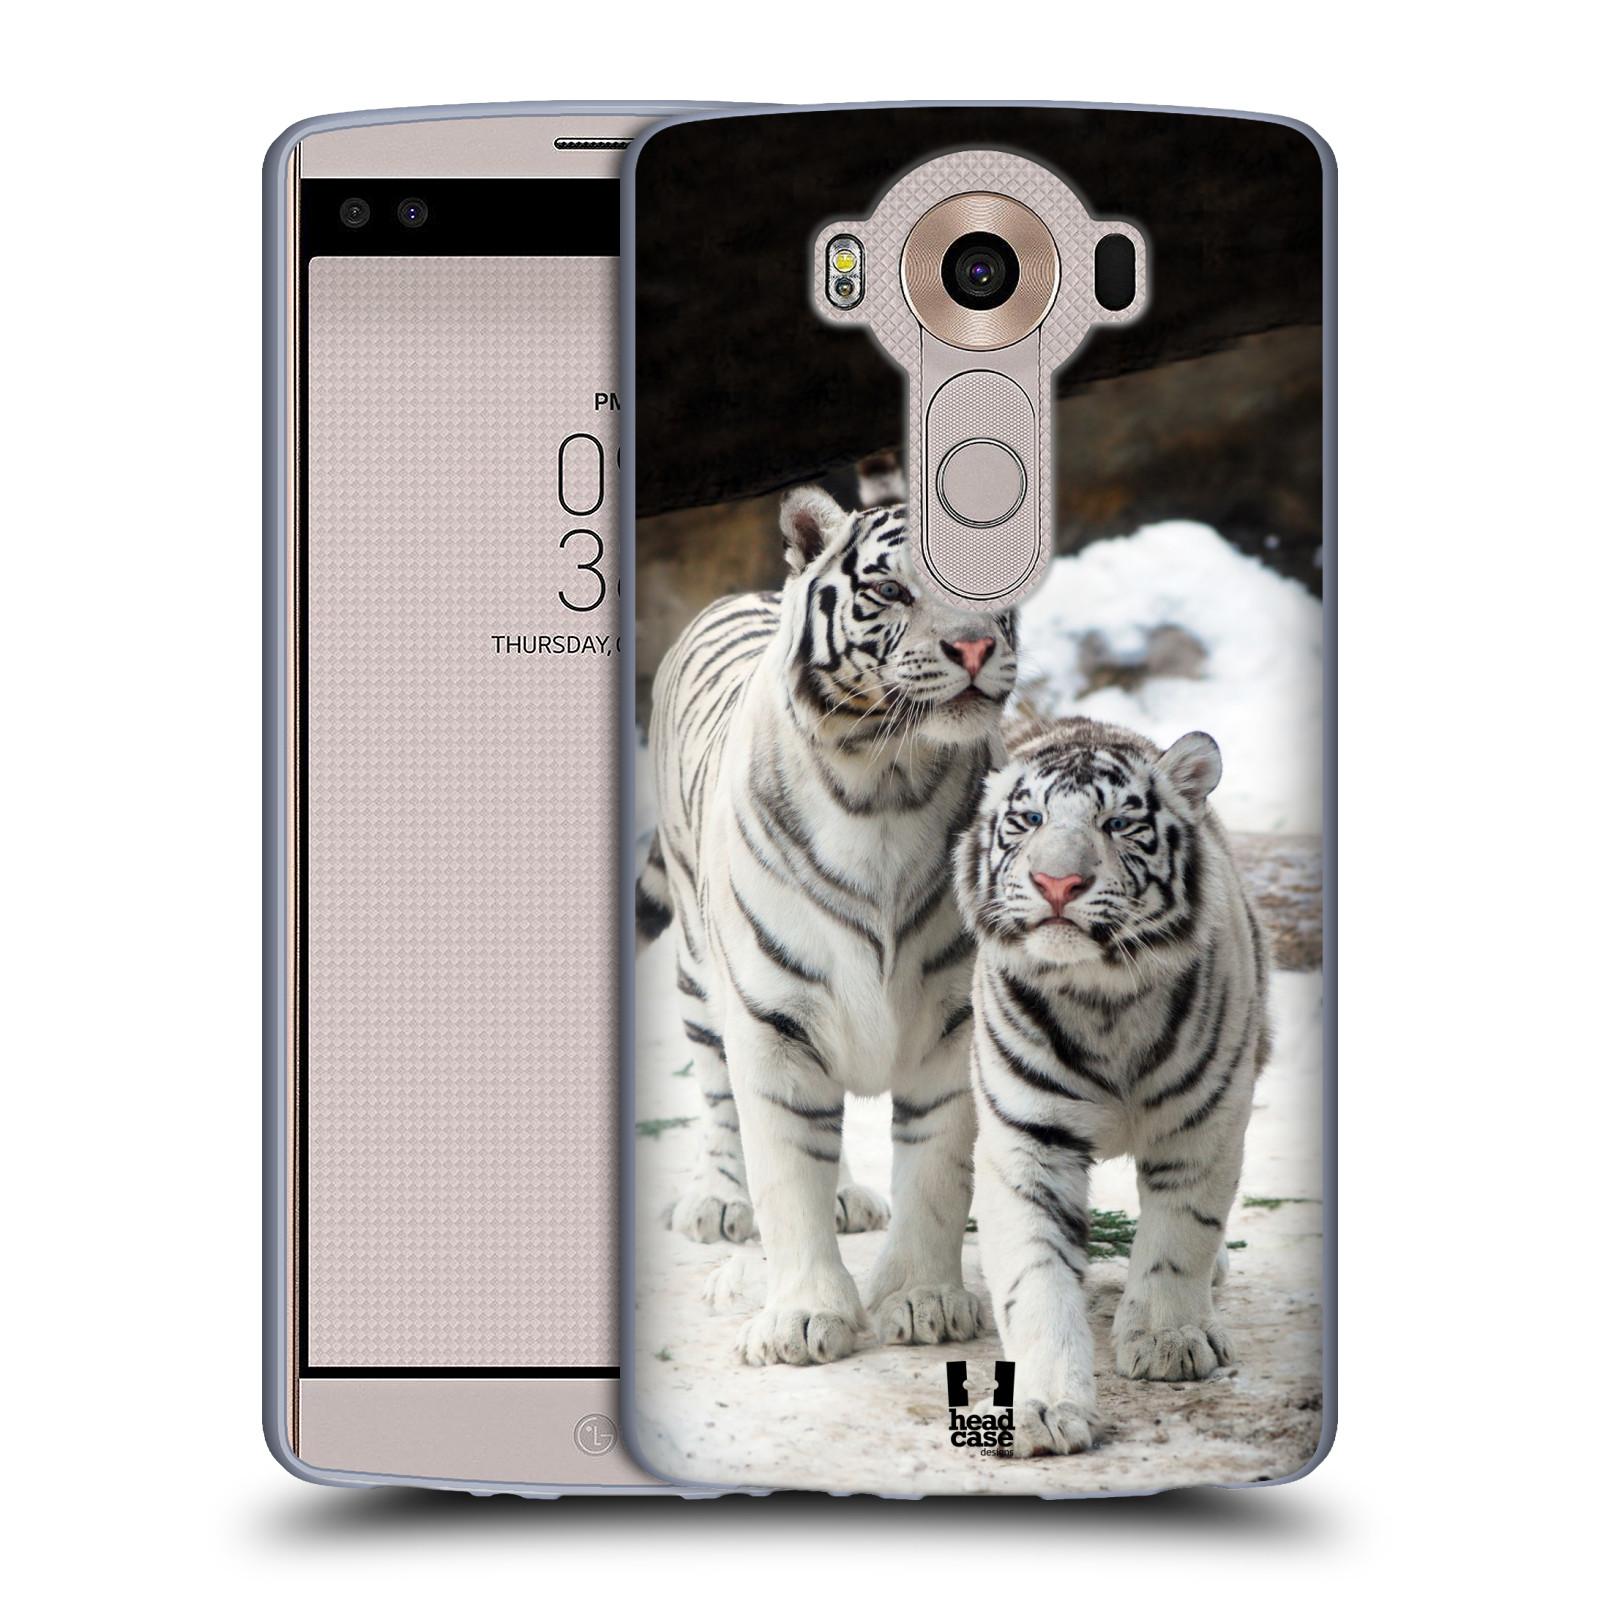 Silikonové pouzdro na mobil LG V10 HEAD CASE BÍLÍ TYGŘI (Silikonový kryt či obal na mobilní telefon LG V10 H960 / H960A)